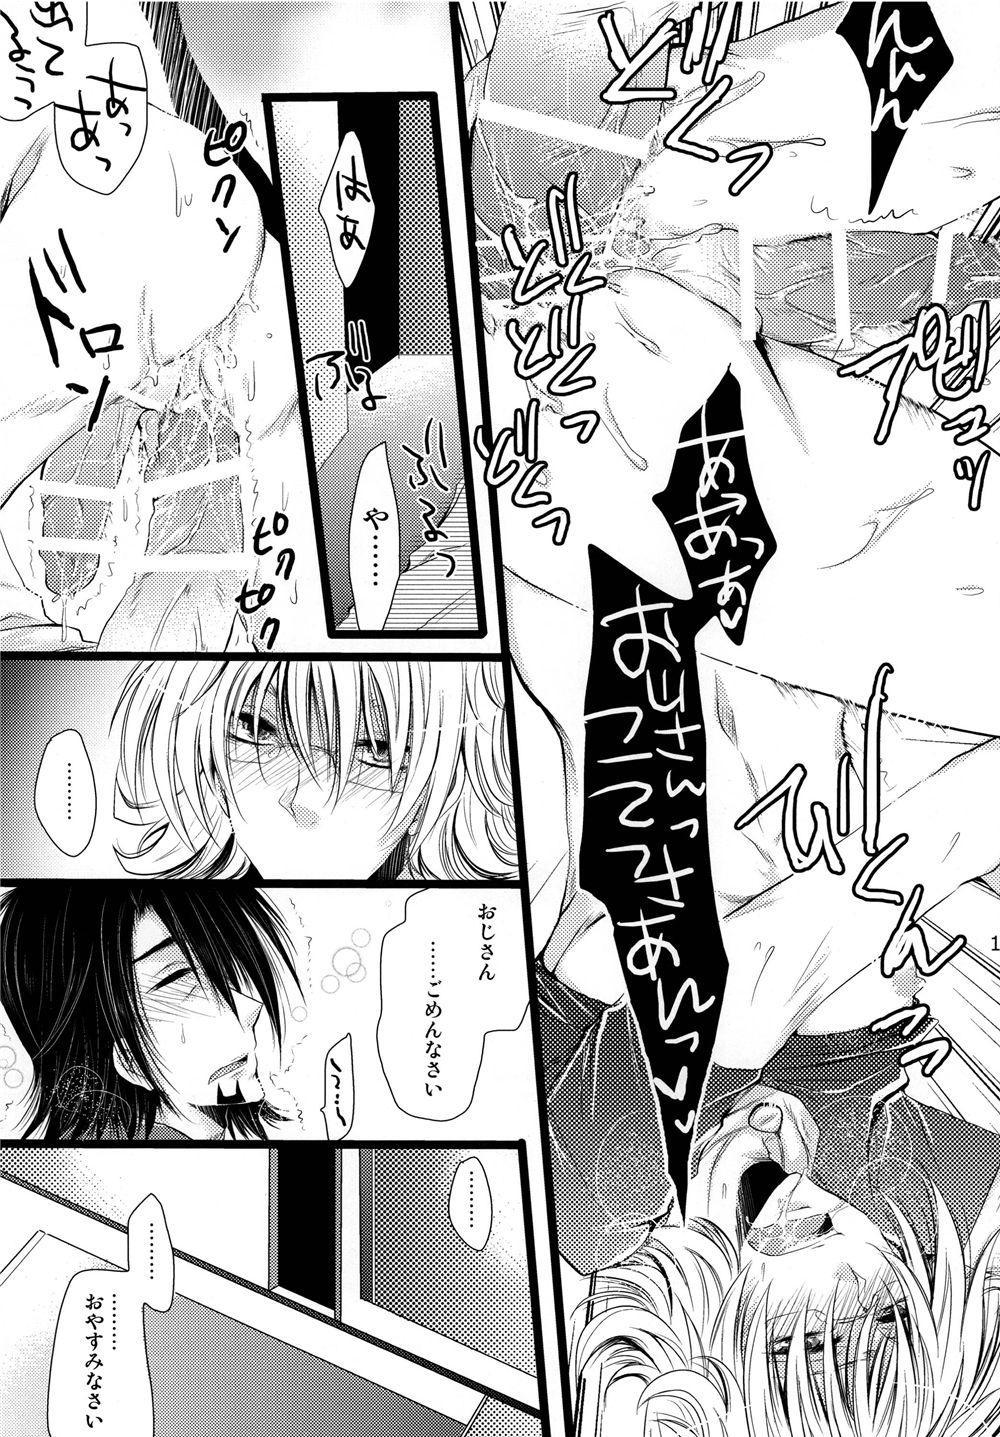 Saa, Boku to Ochimashi Yora 16